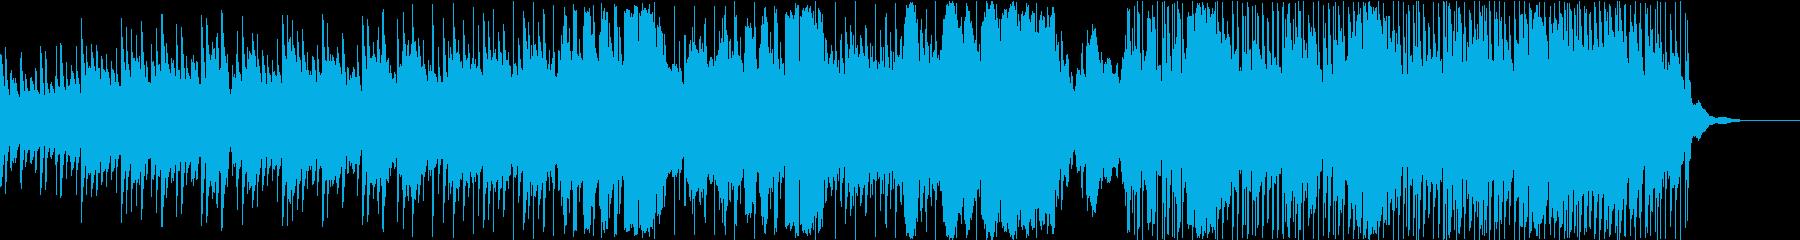 ピースフルで始まりの予感がするカントリーの再生済みの波形